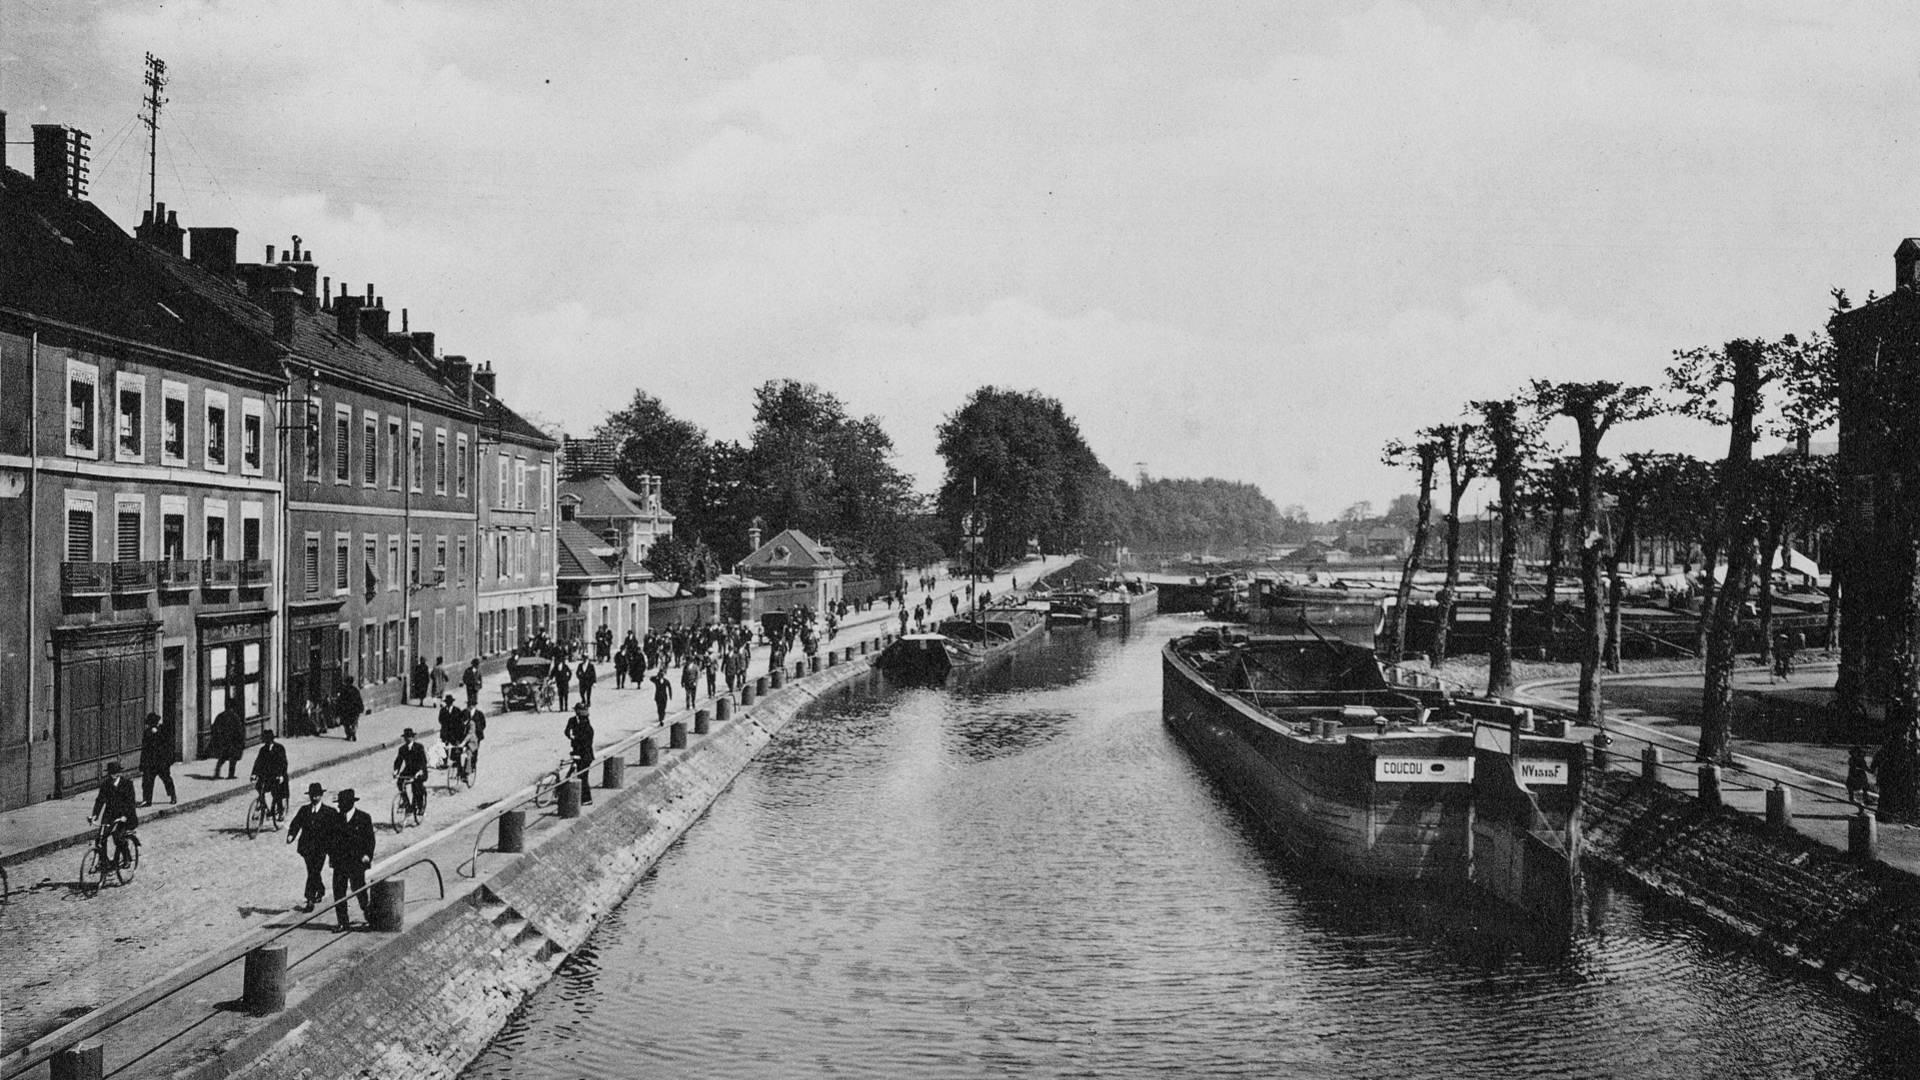 Le canal à Montceau-les-Mines autrefois. © CUCM, service Écomusée, cliché D. Busseuil.